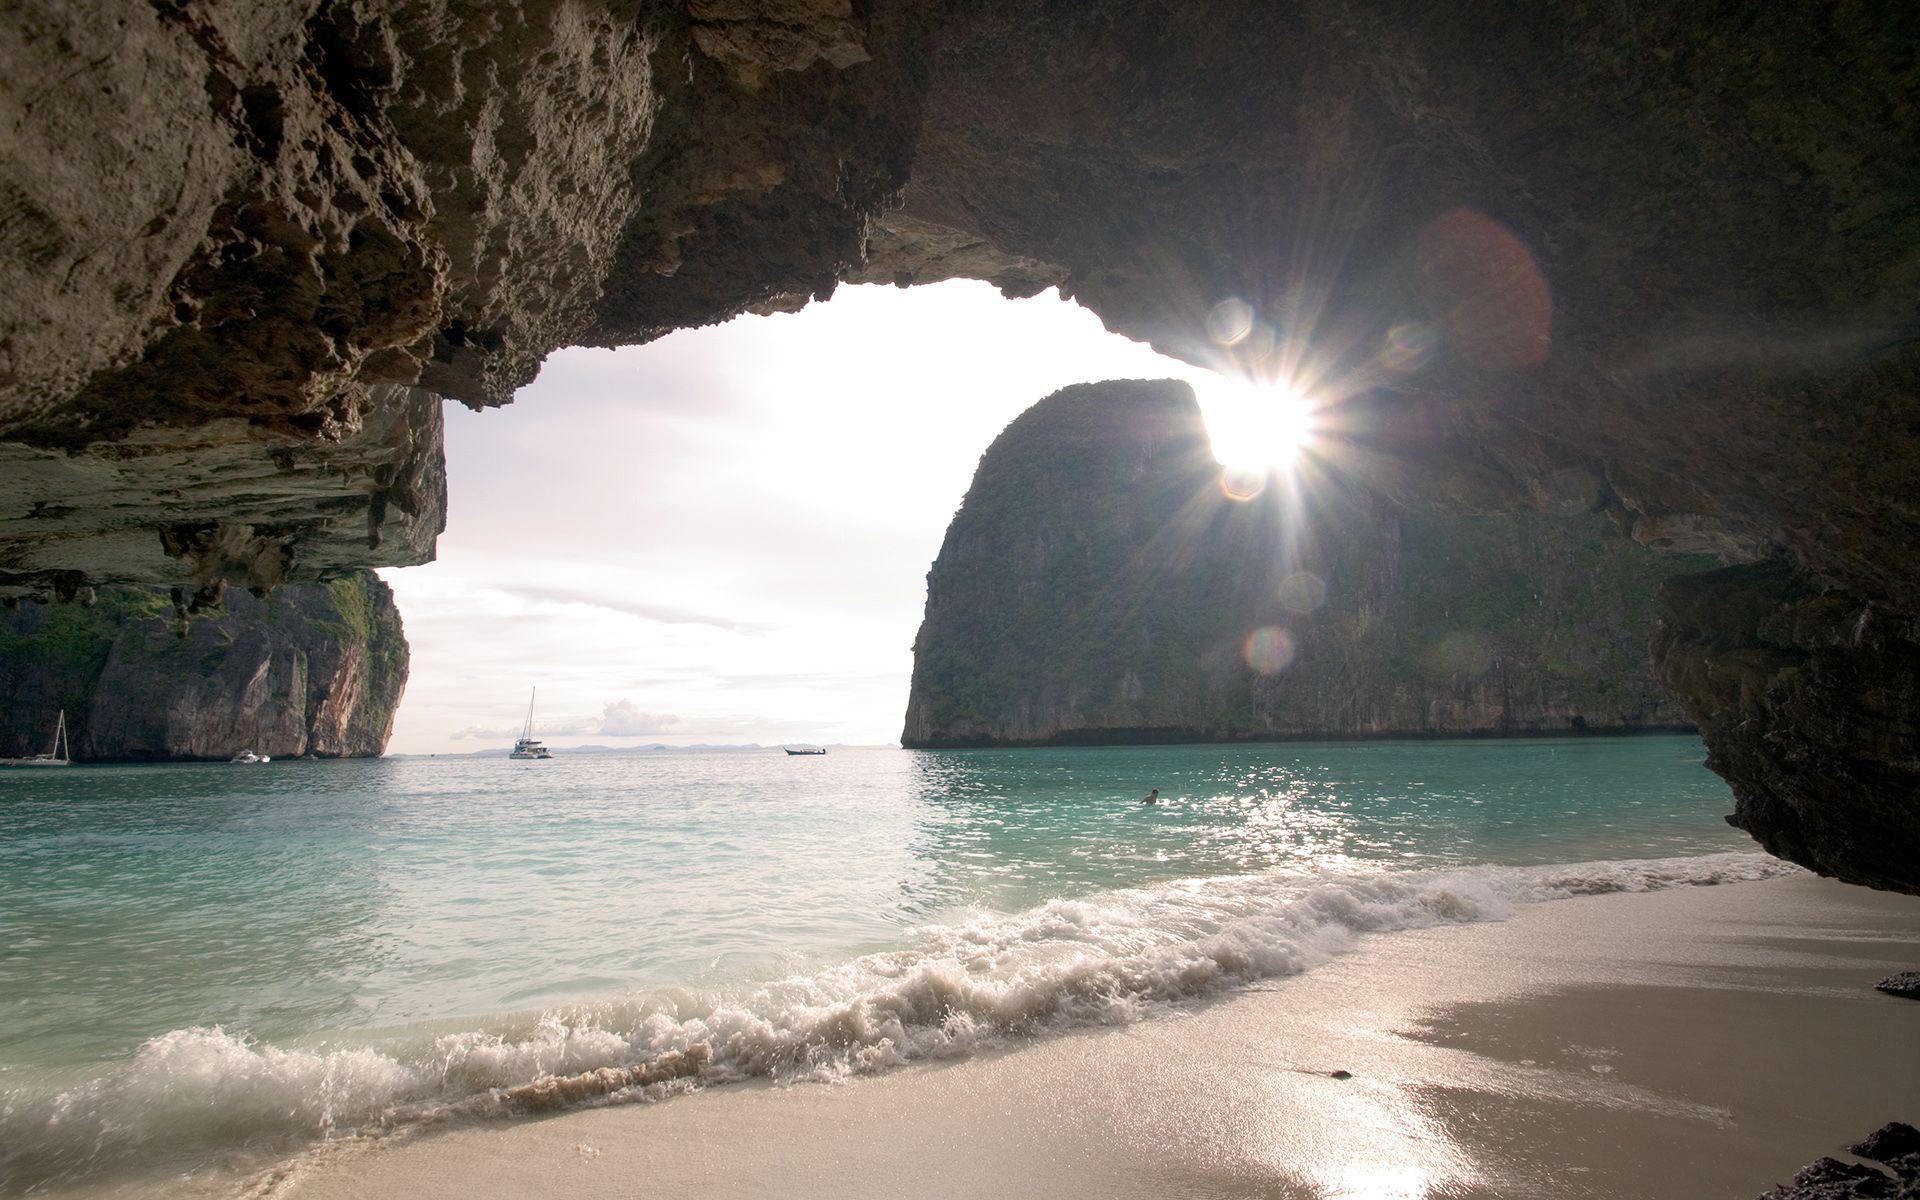 sea cave desktop wallpaper 52613